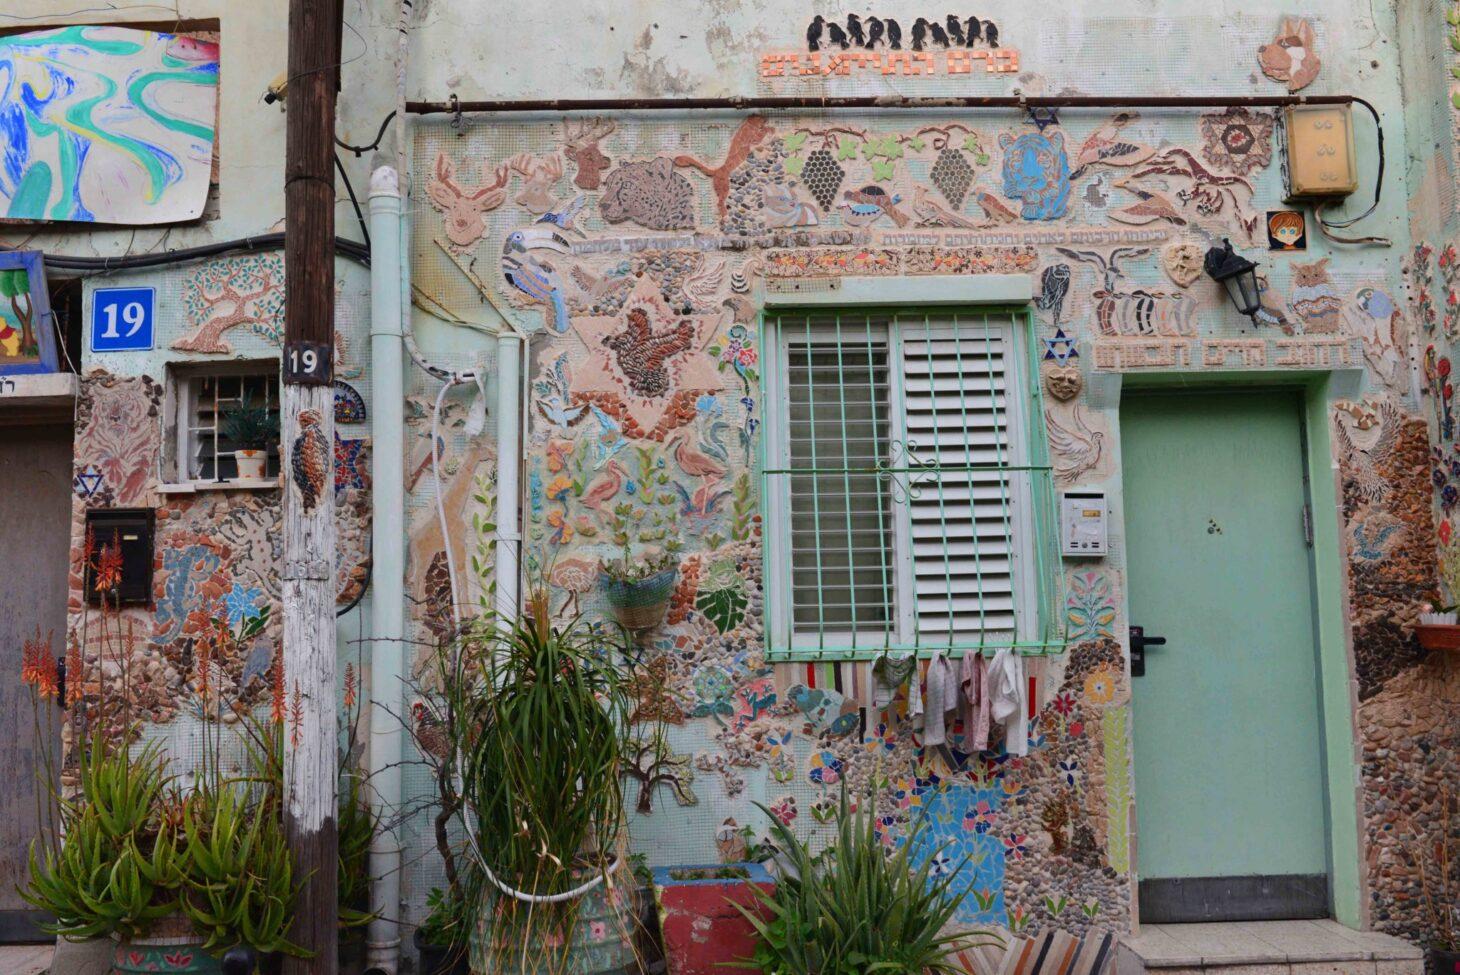 House in Yemenite Quarter, Tel Aviv